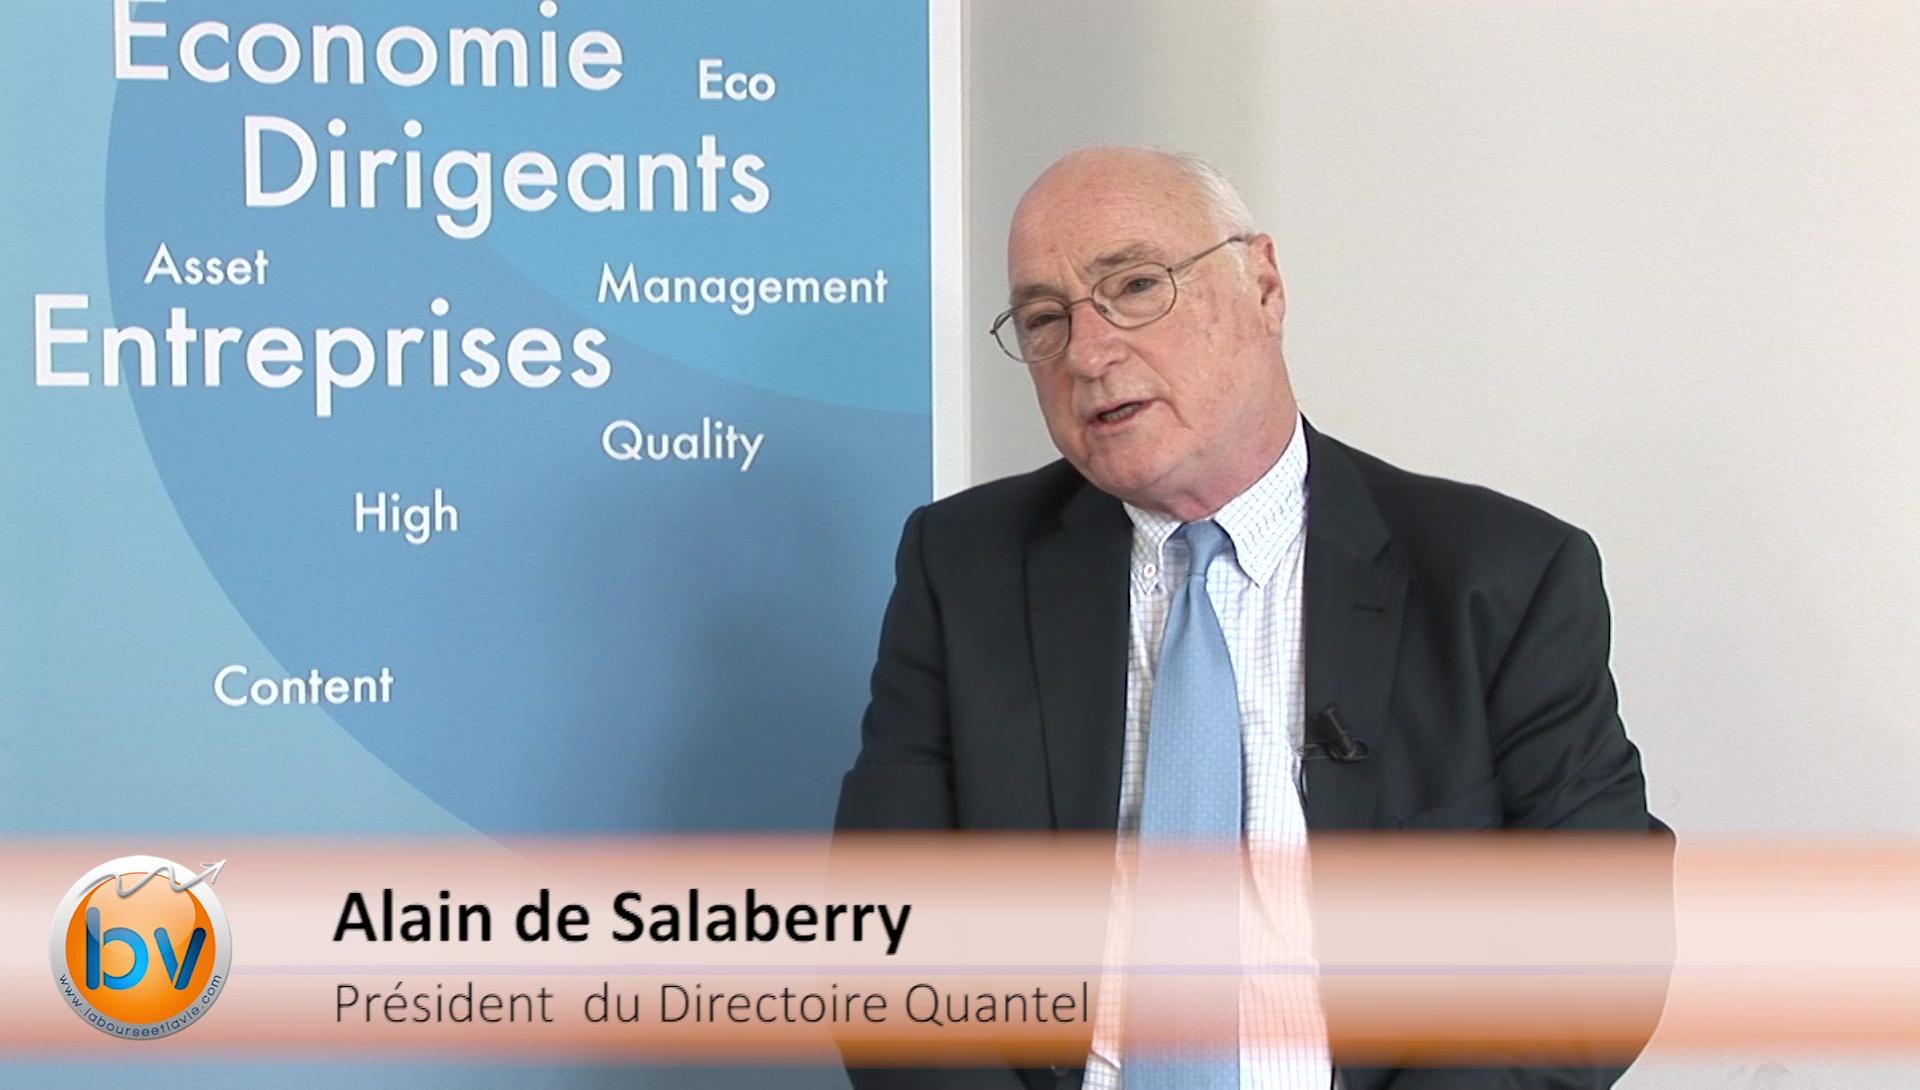 """Alain de Salaberry Président du Directoire Quantel : """"On espère continuer à progresser et la rentabilité doit suivre"""""""